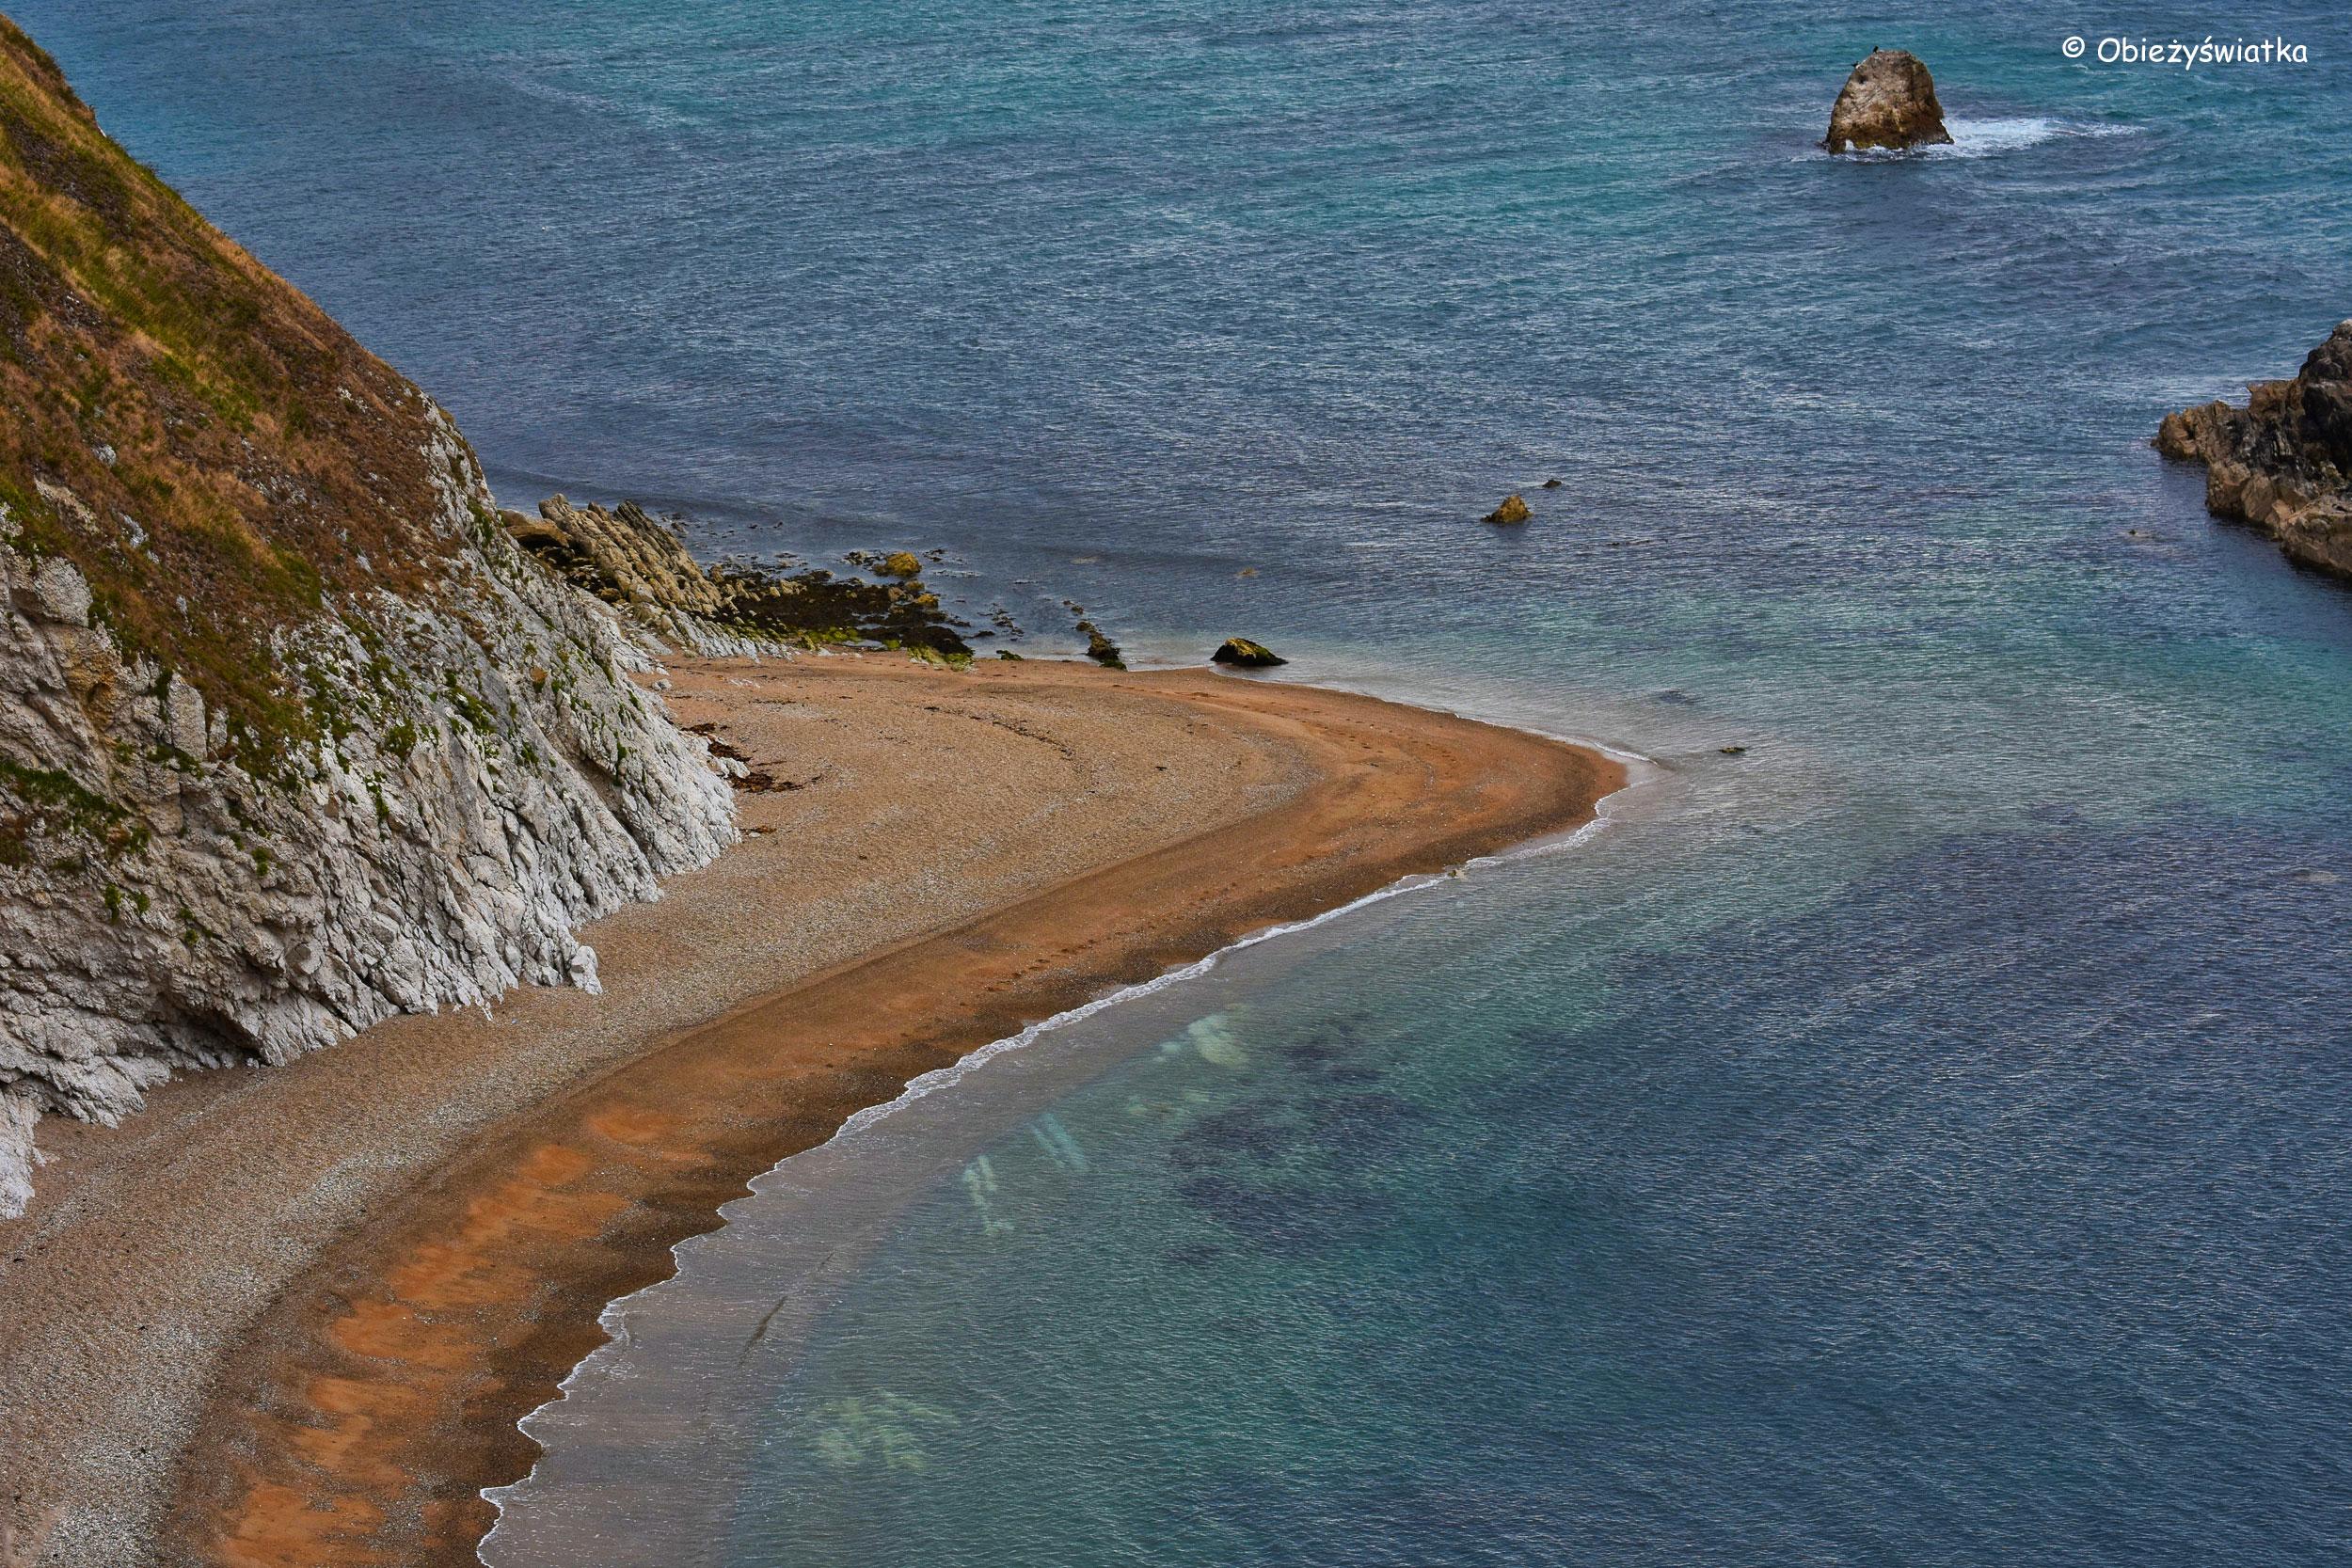 Wybrzeże Jurajskie - Jurassic Coast, UK